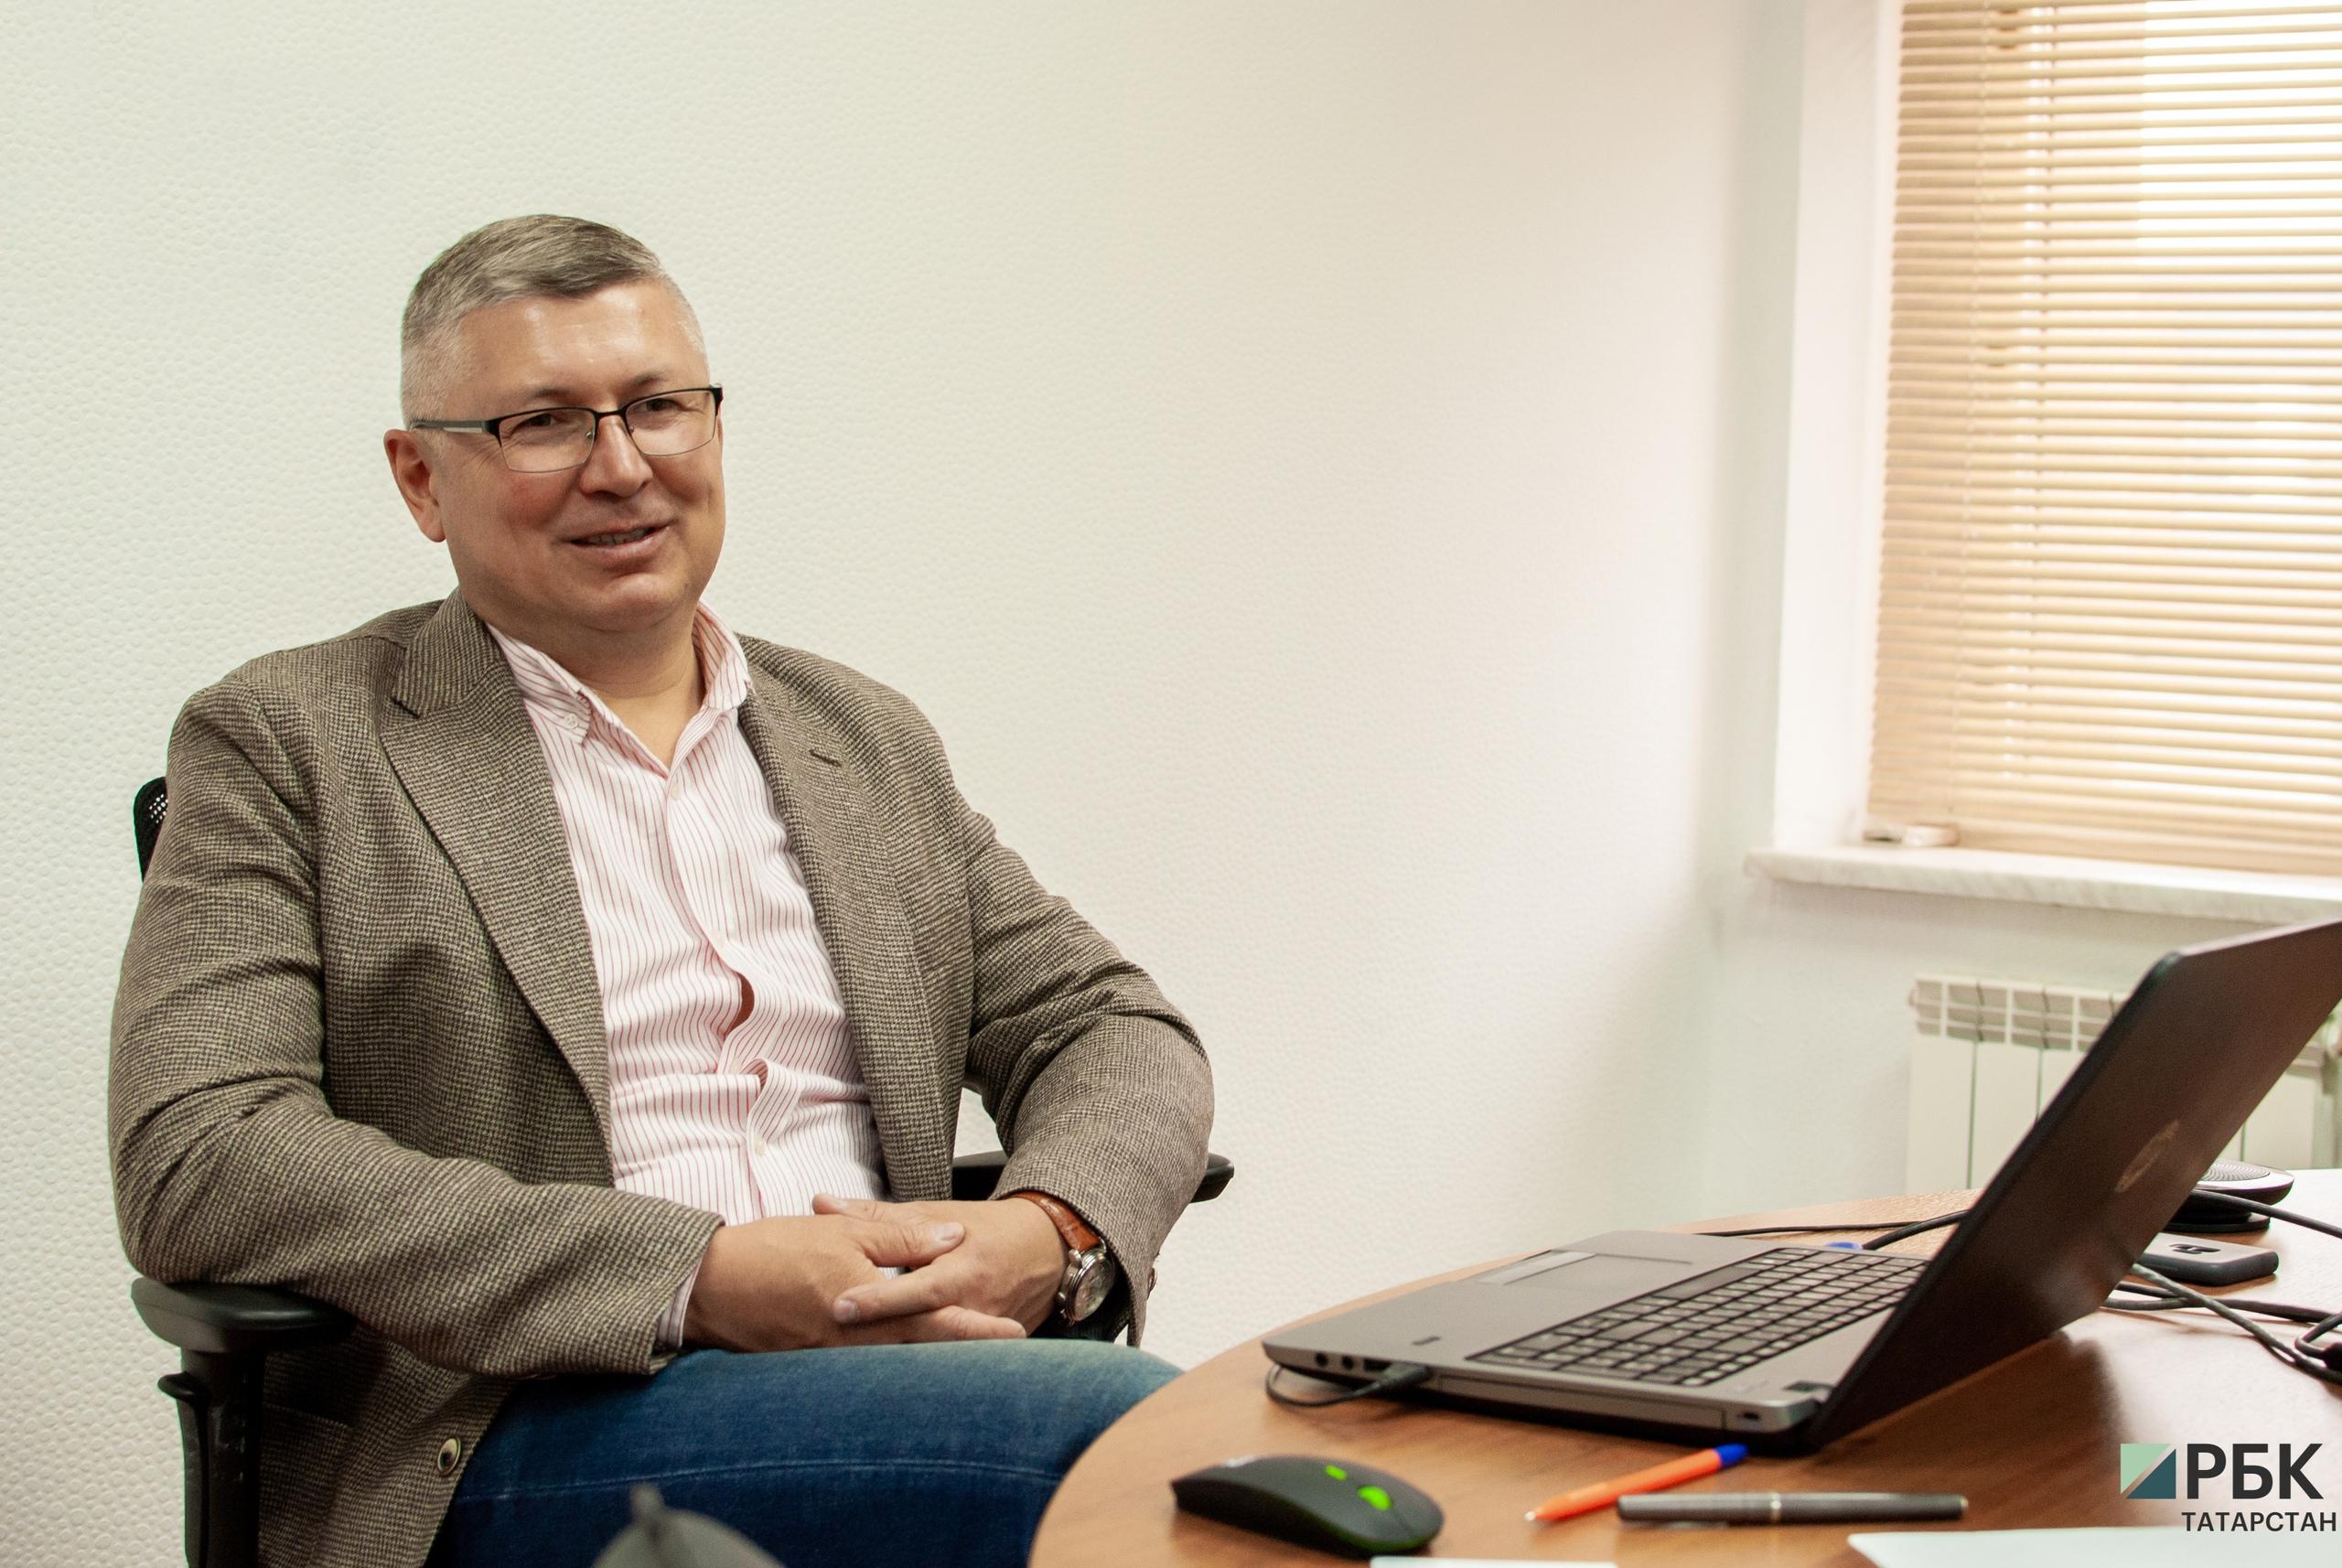 Директор казанского филиала Tele2 Марат Кабанов